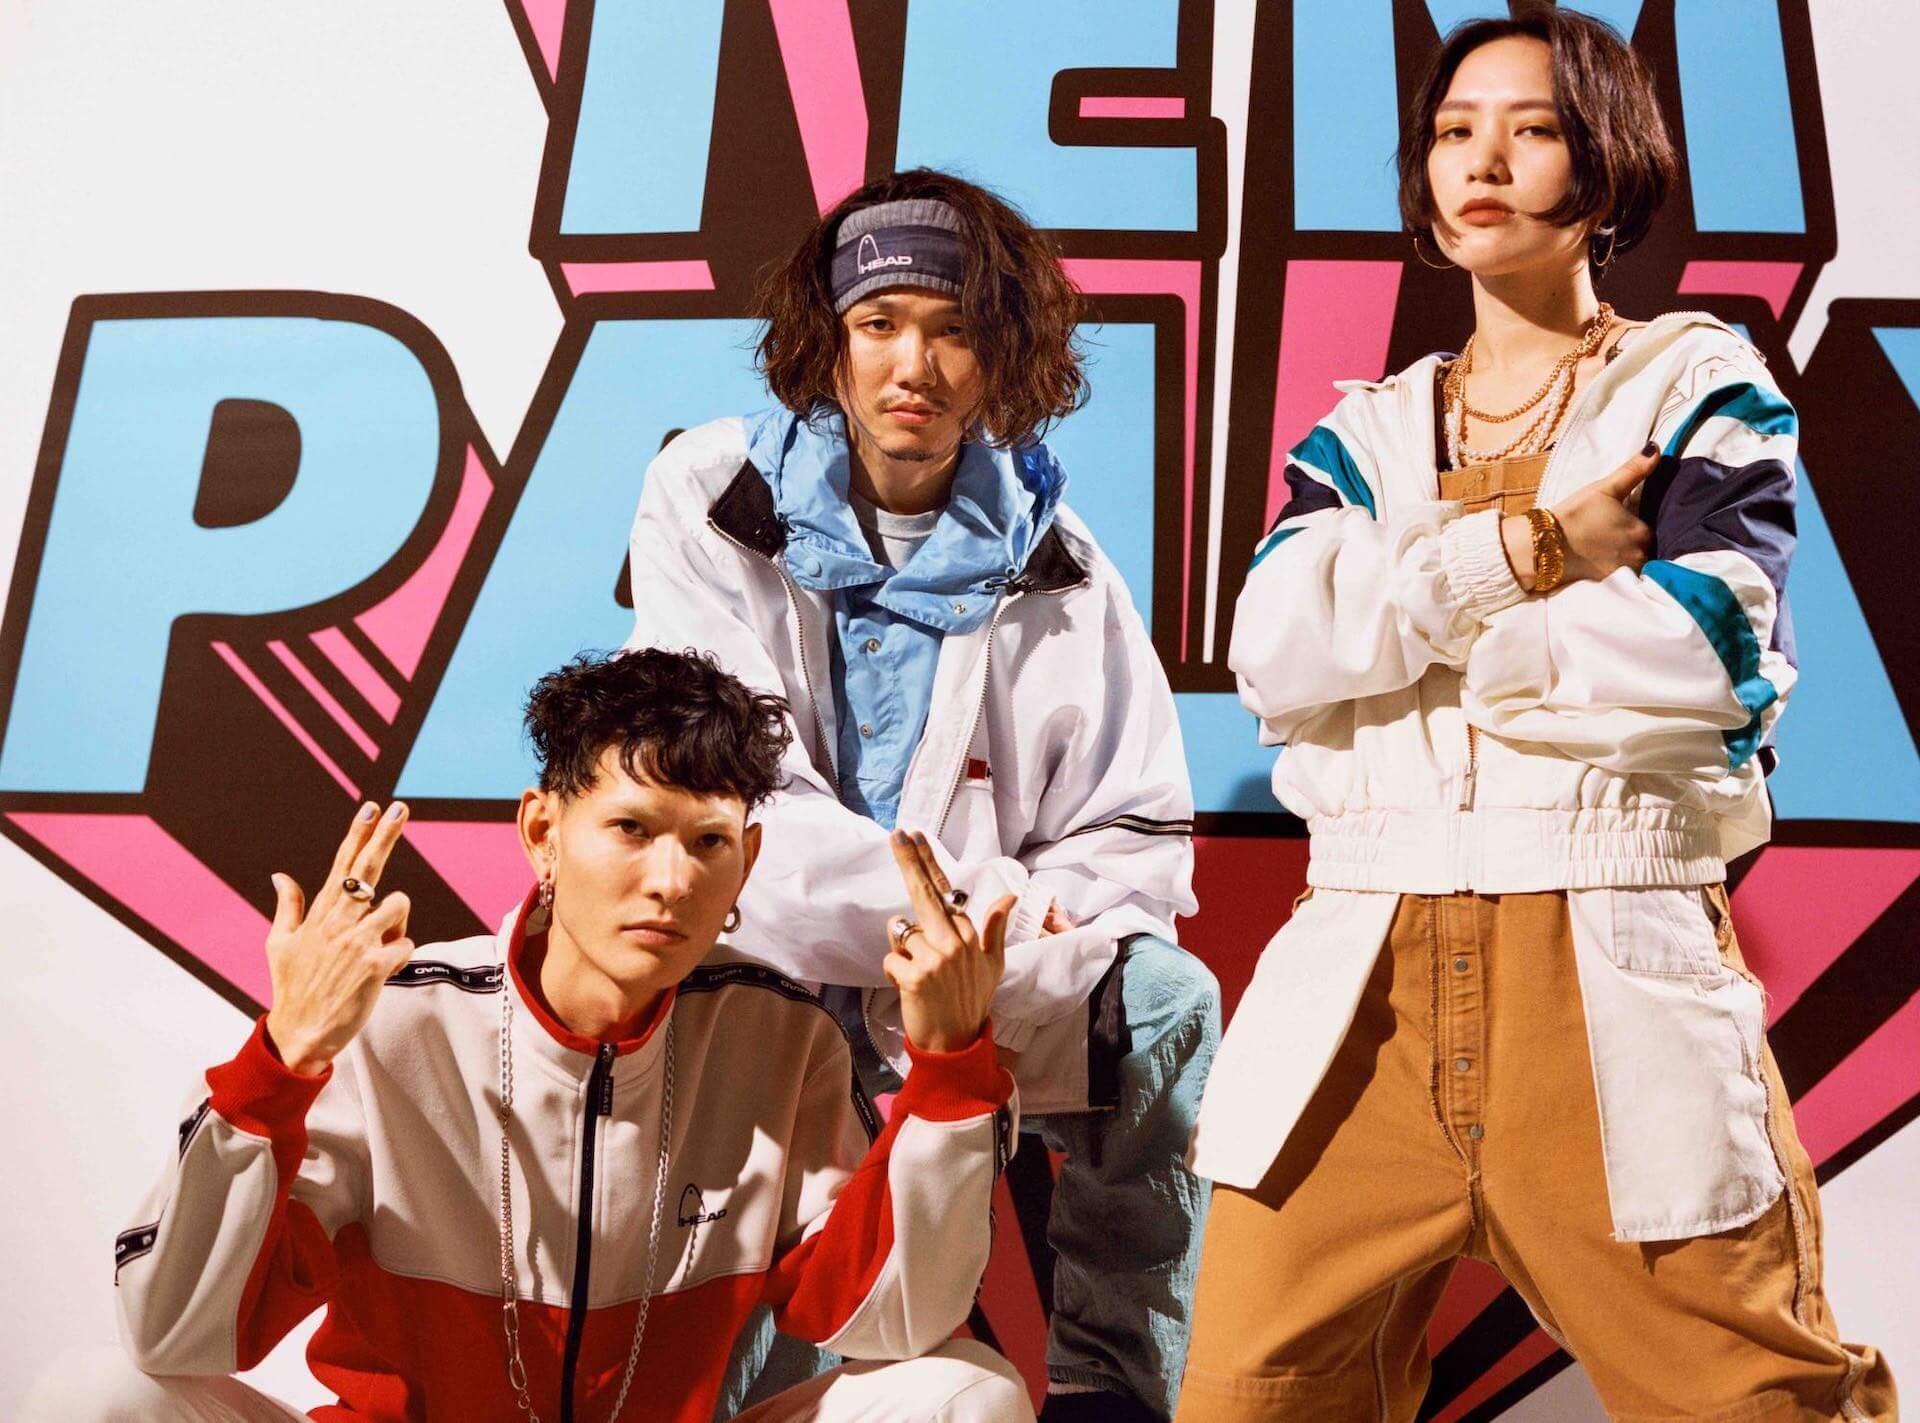 """Tempalayの新曲""""あびばのんのん""""がFM802『Poppin'FLAG!!!』にて先行オンエア決定!特設サイトもオープン music_210727_tempalay1"""